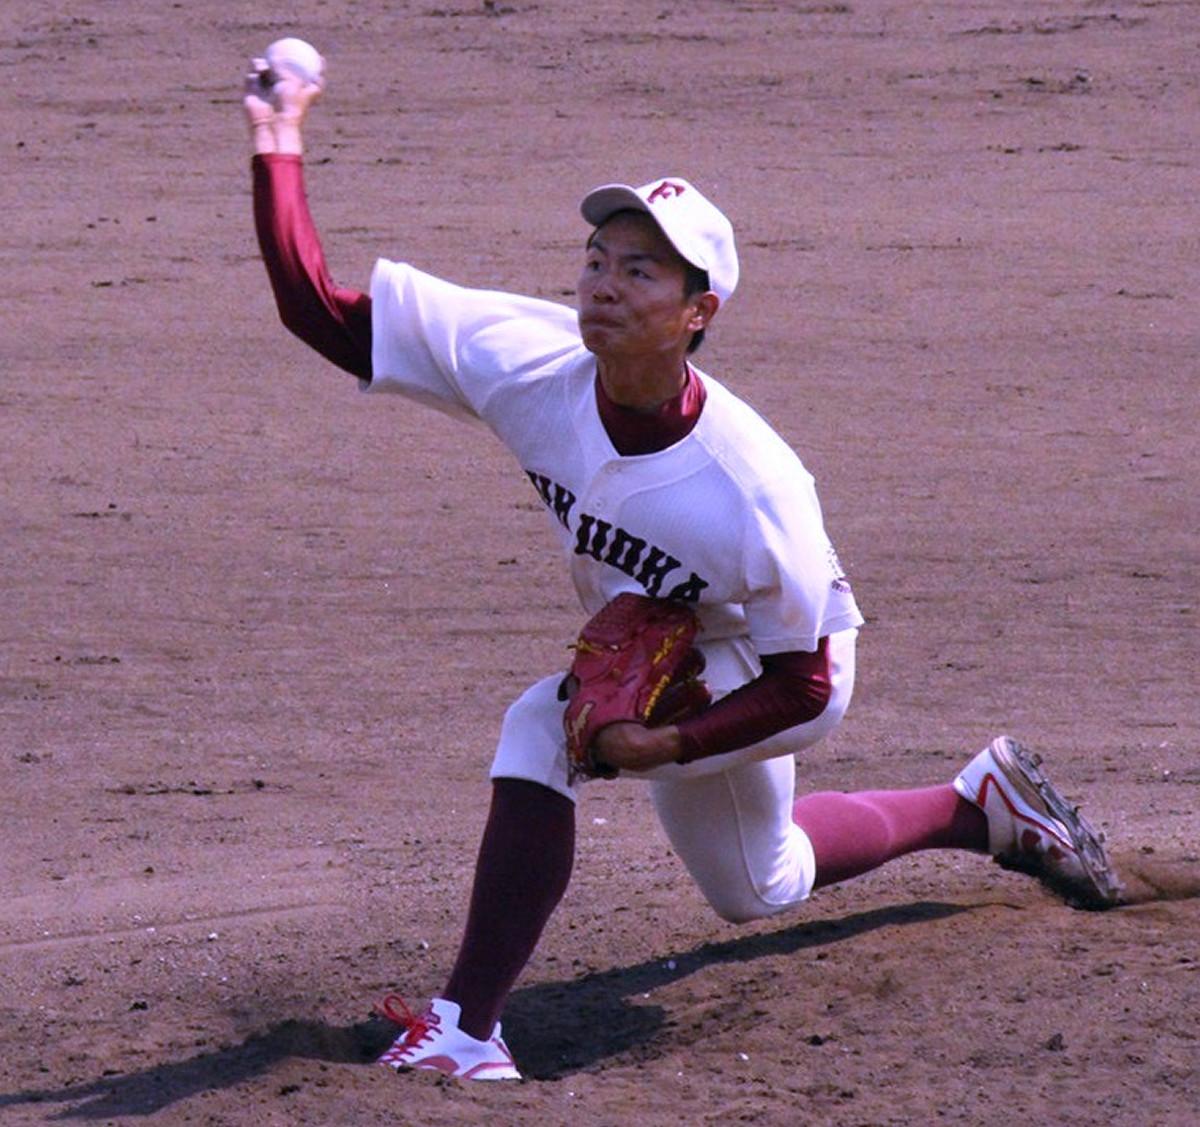 準硬式野球でプロのスカウトの注目を集める福岡大・大曲錬投手